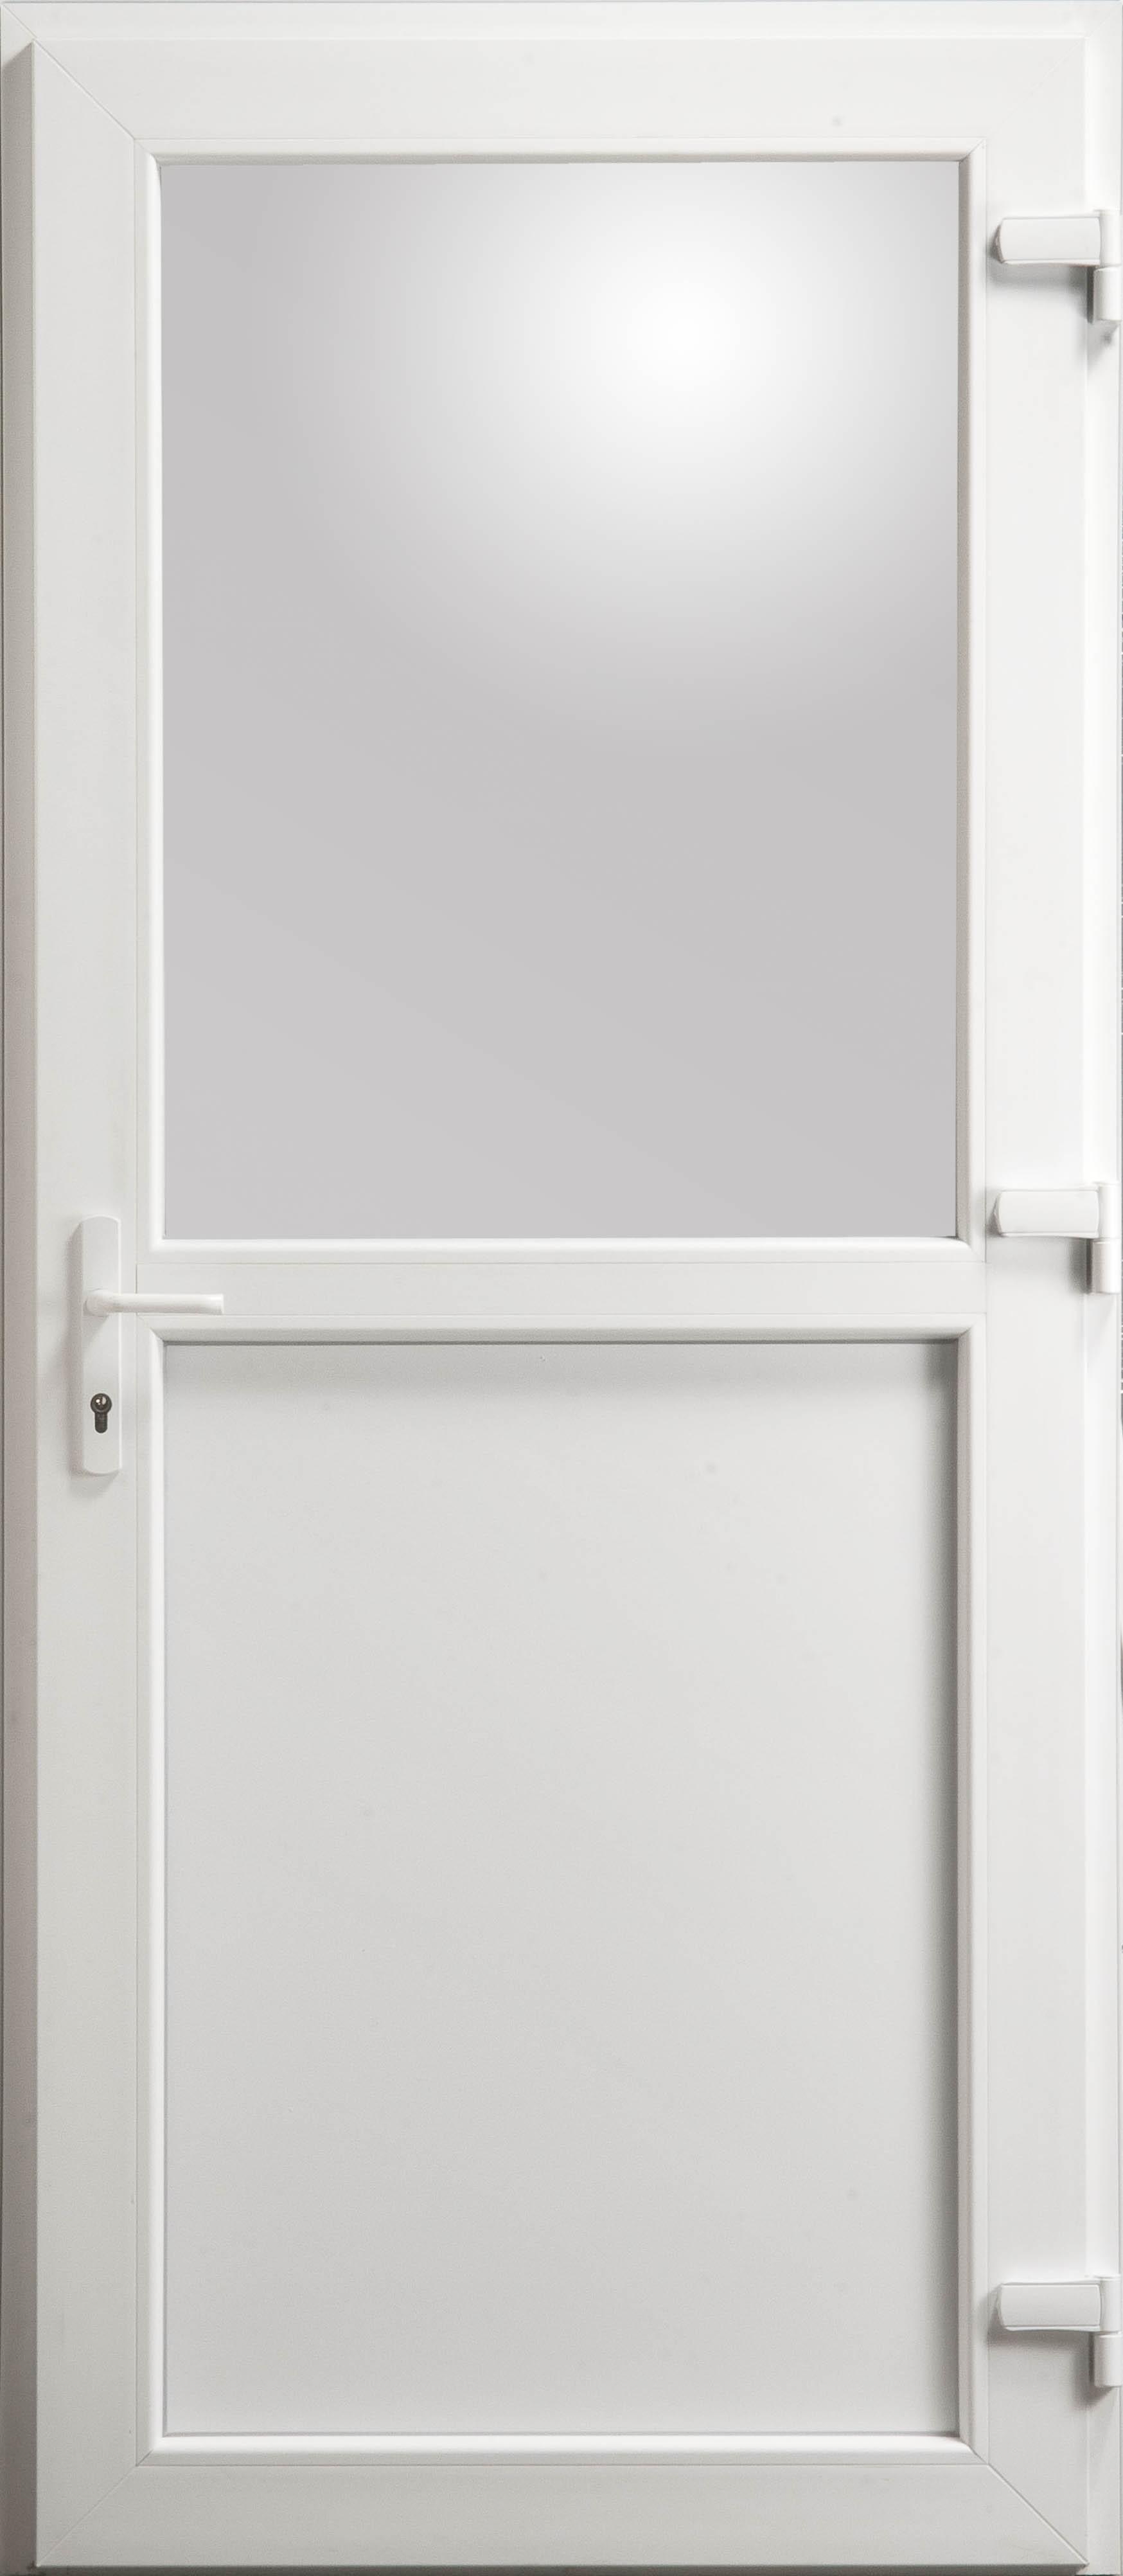 porte de service en pvc blanc 215 x 090 cm avec 1 2 vitre clair poussant gauche. Black Bedroom Furniture Sets. Home Design Ideas